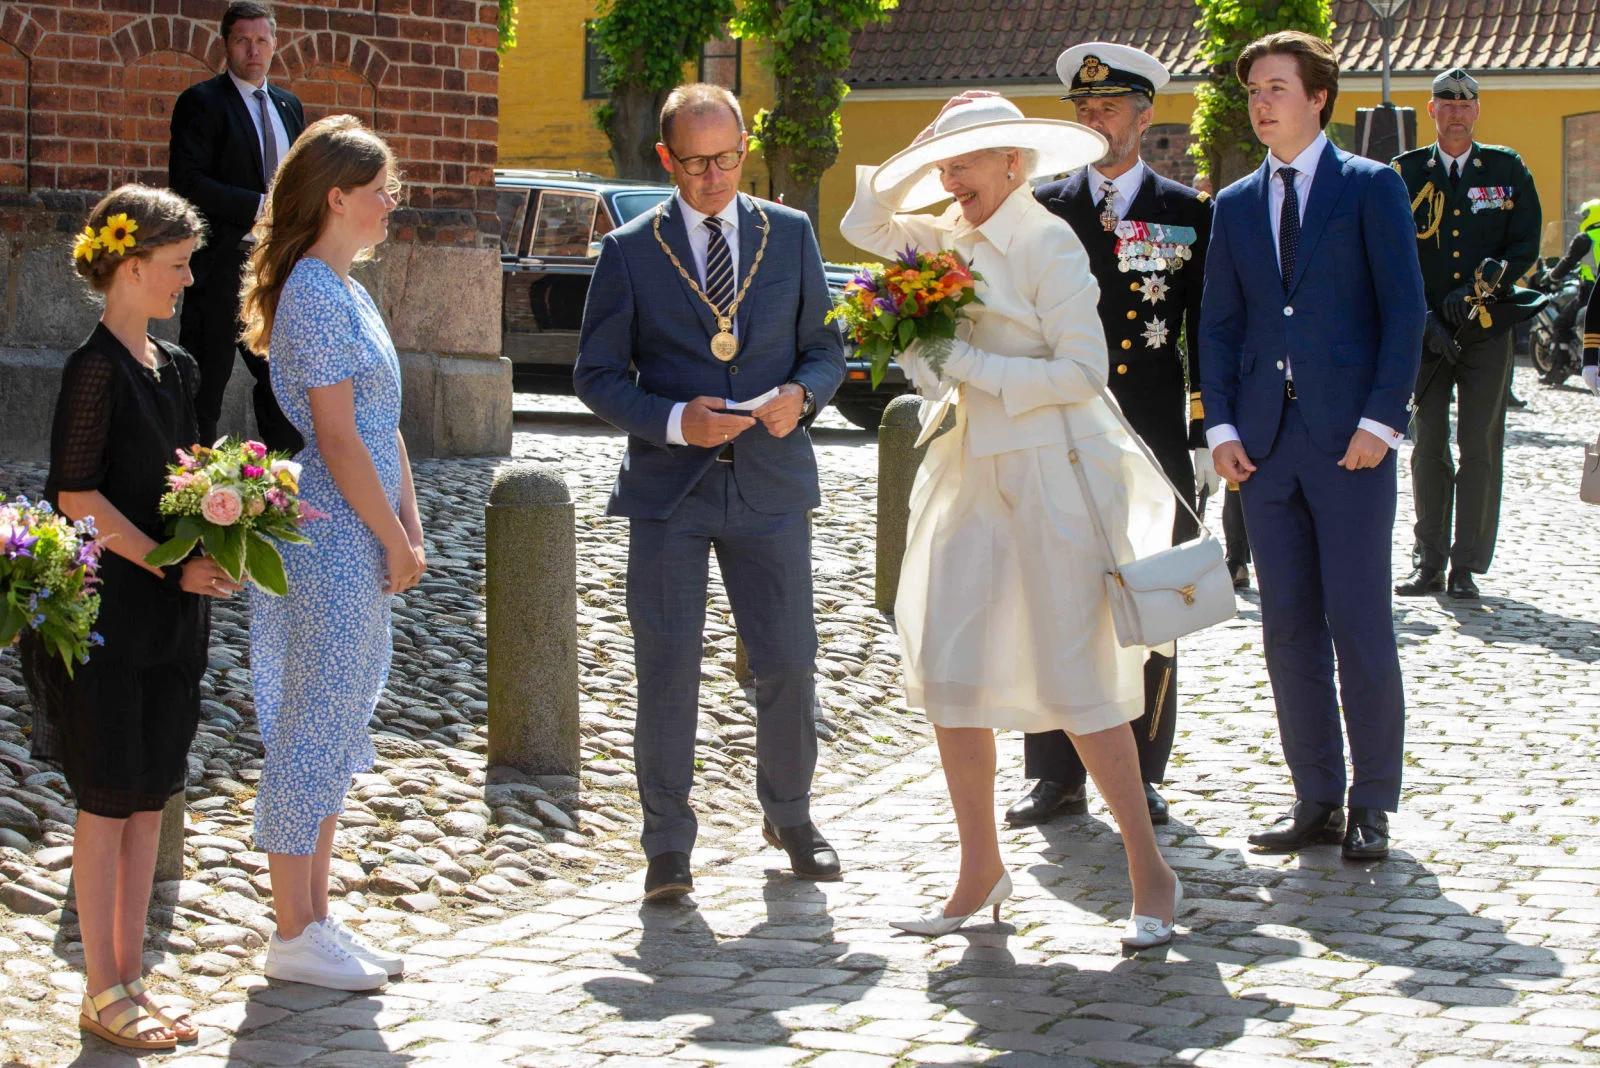 Королева Маргрете спасает шляпу от внезапно налетевшего ветра)...